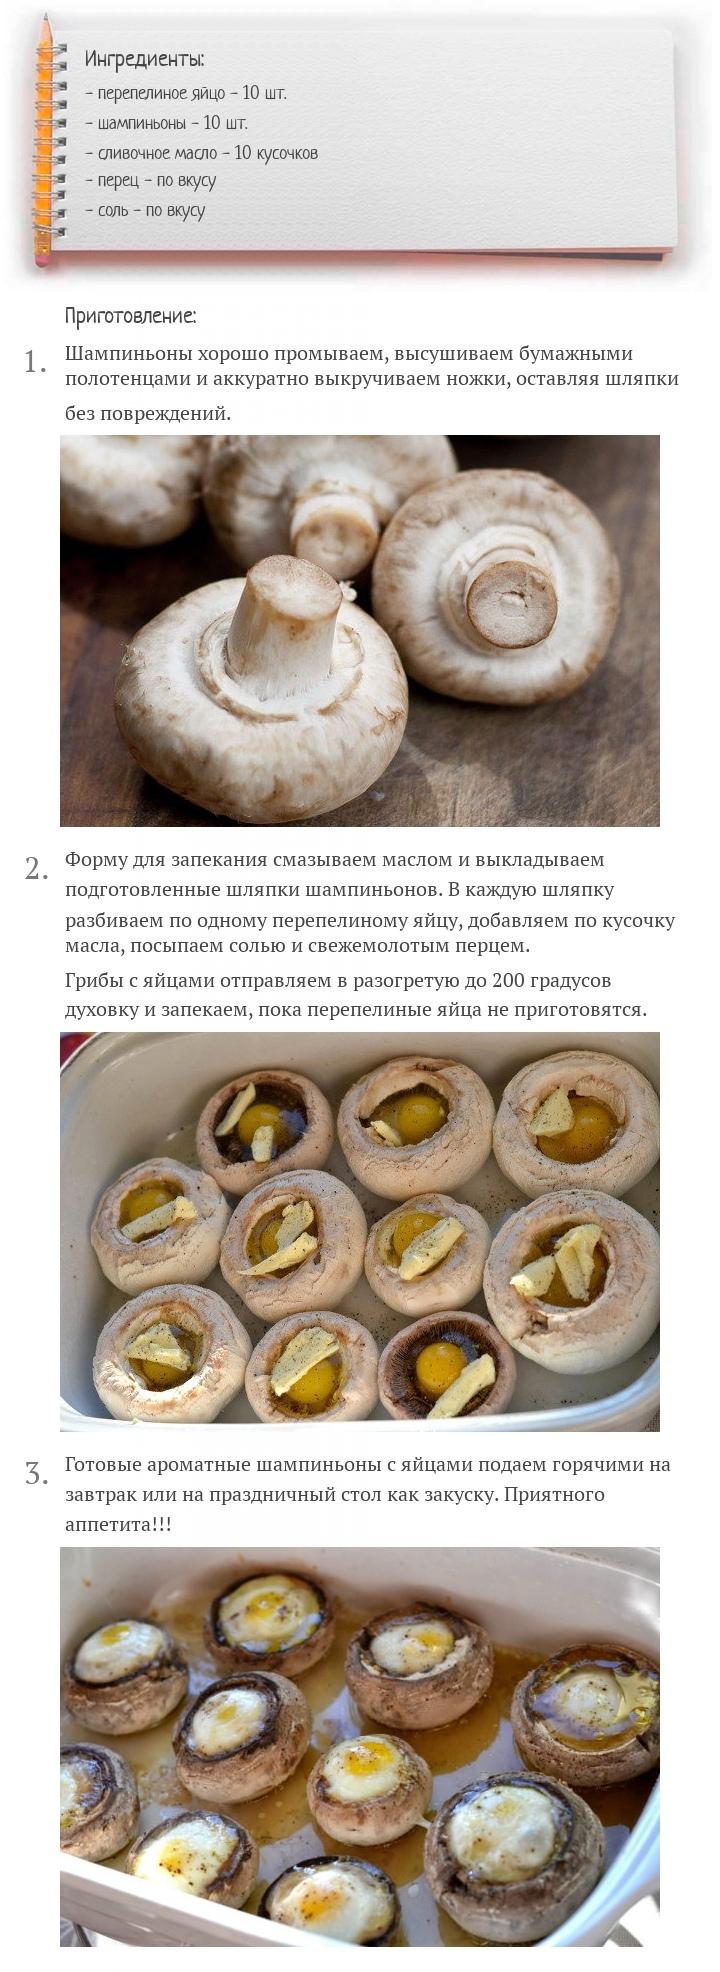 Запеченные шампиньоны с перепелиными яйцами, изображение №2